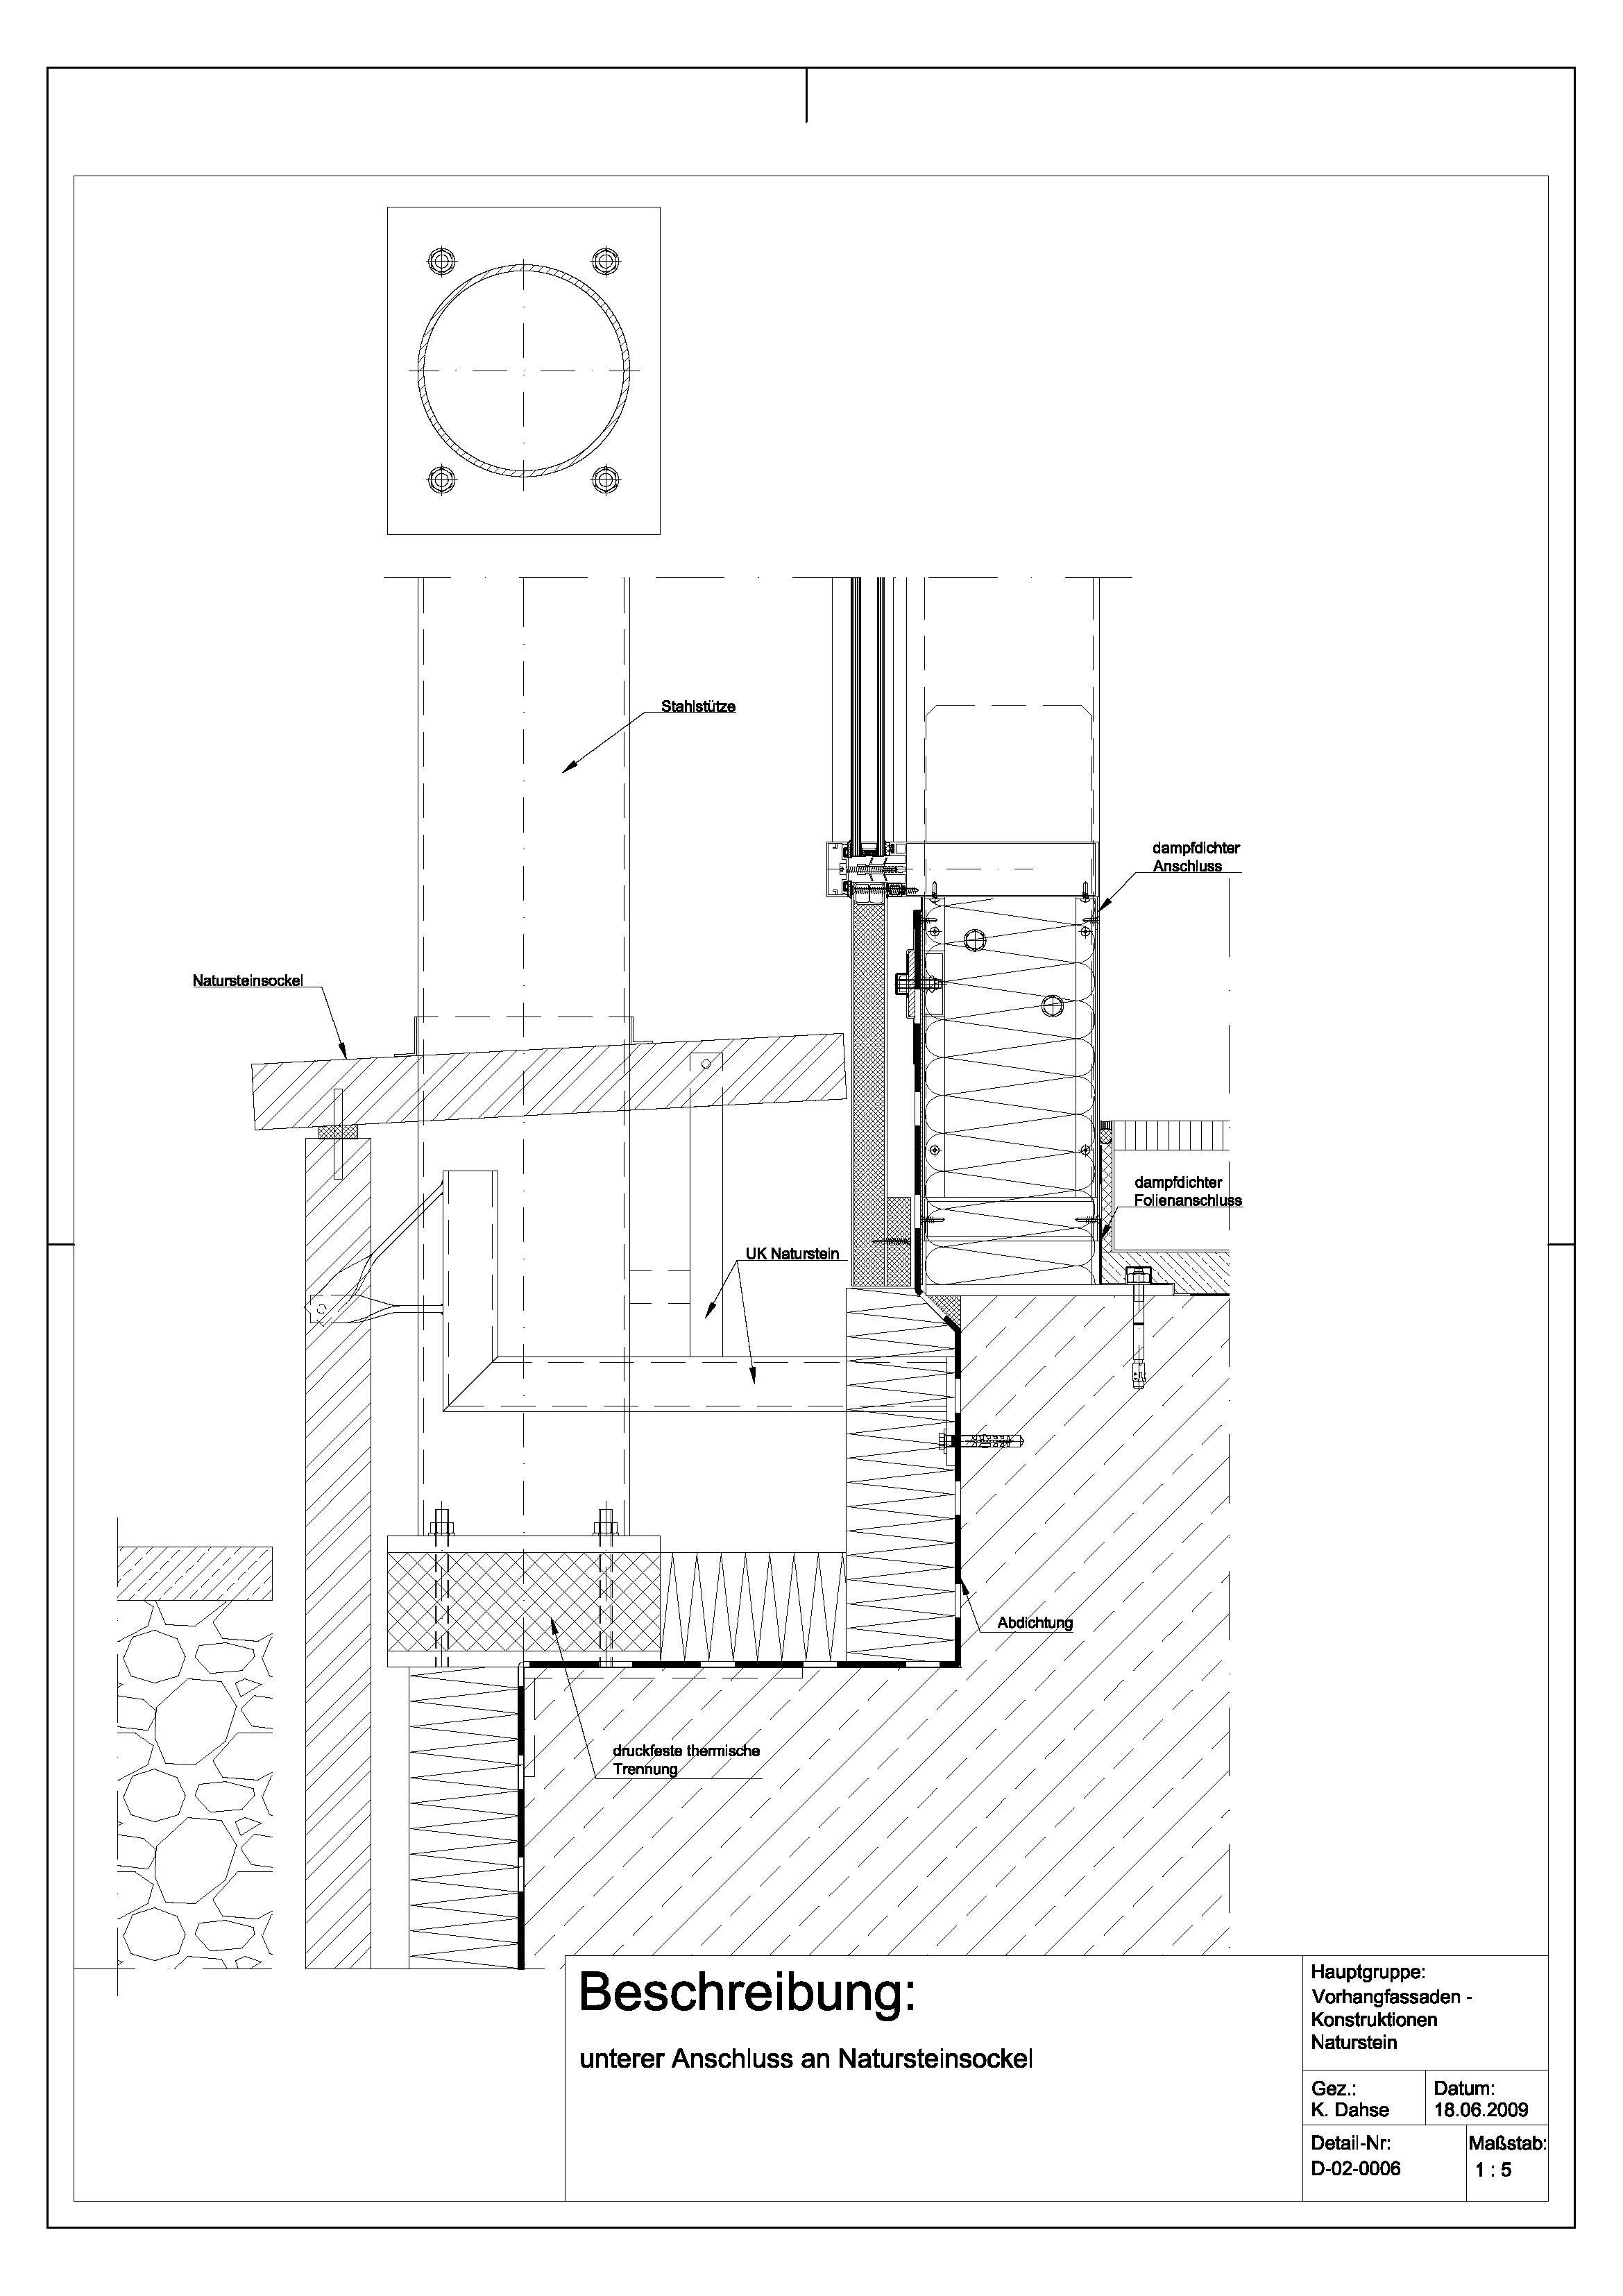 Tür detail grundriss  D-02-0006 unterer Anschluss an Natursteinsockel | Details ...